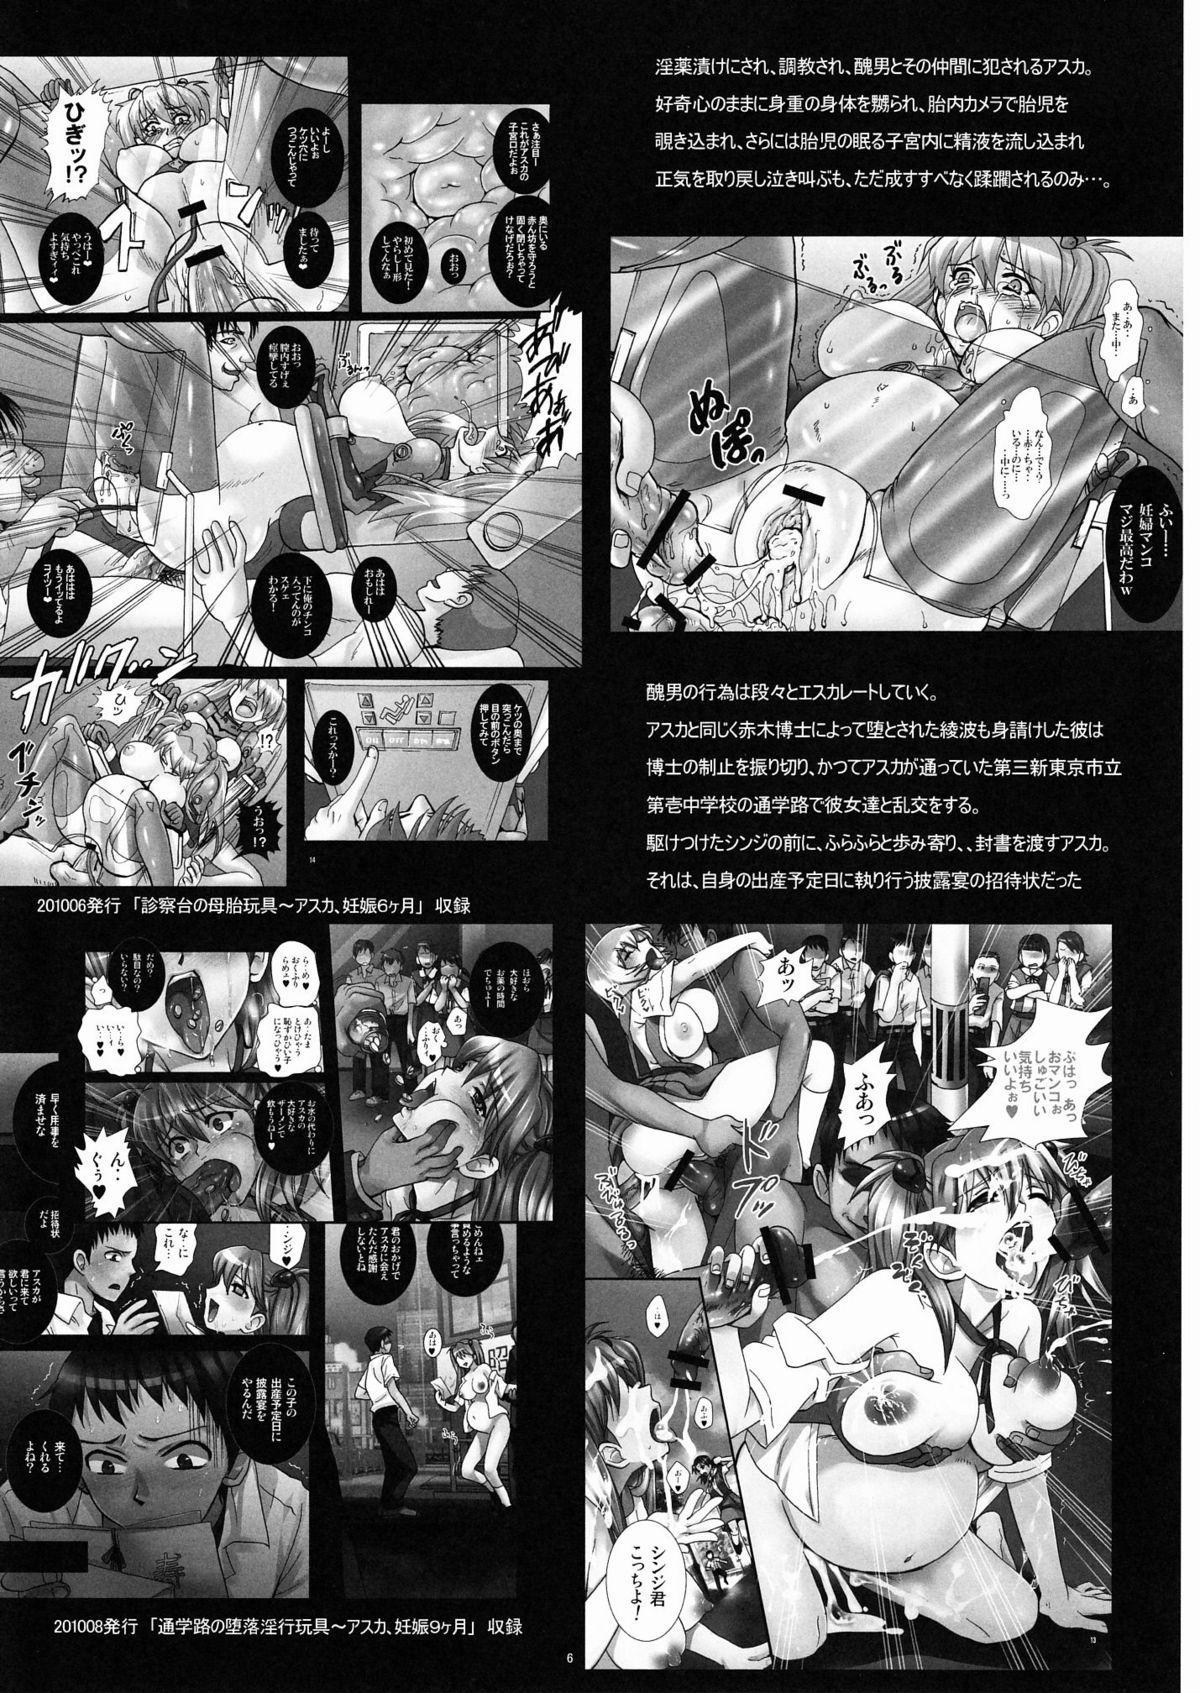 Gangu Hanayome, Shussan Hirouen 4